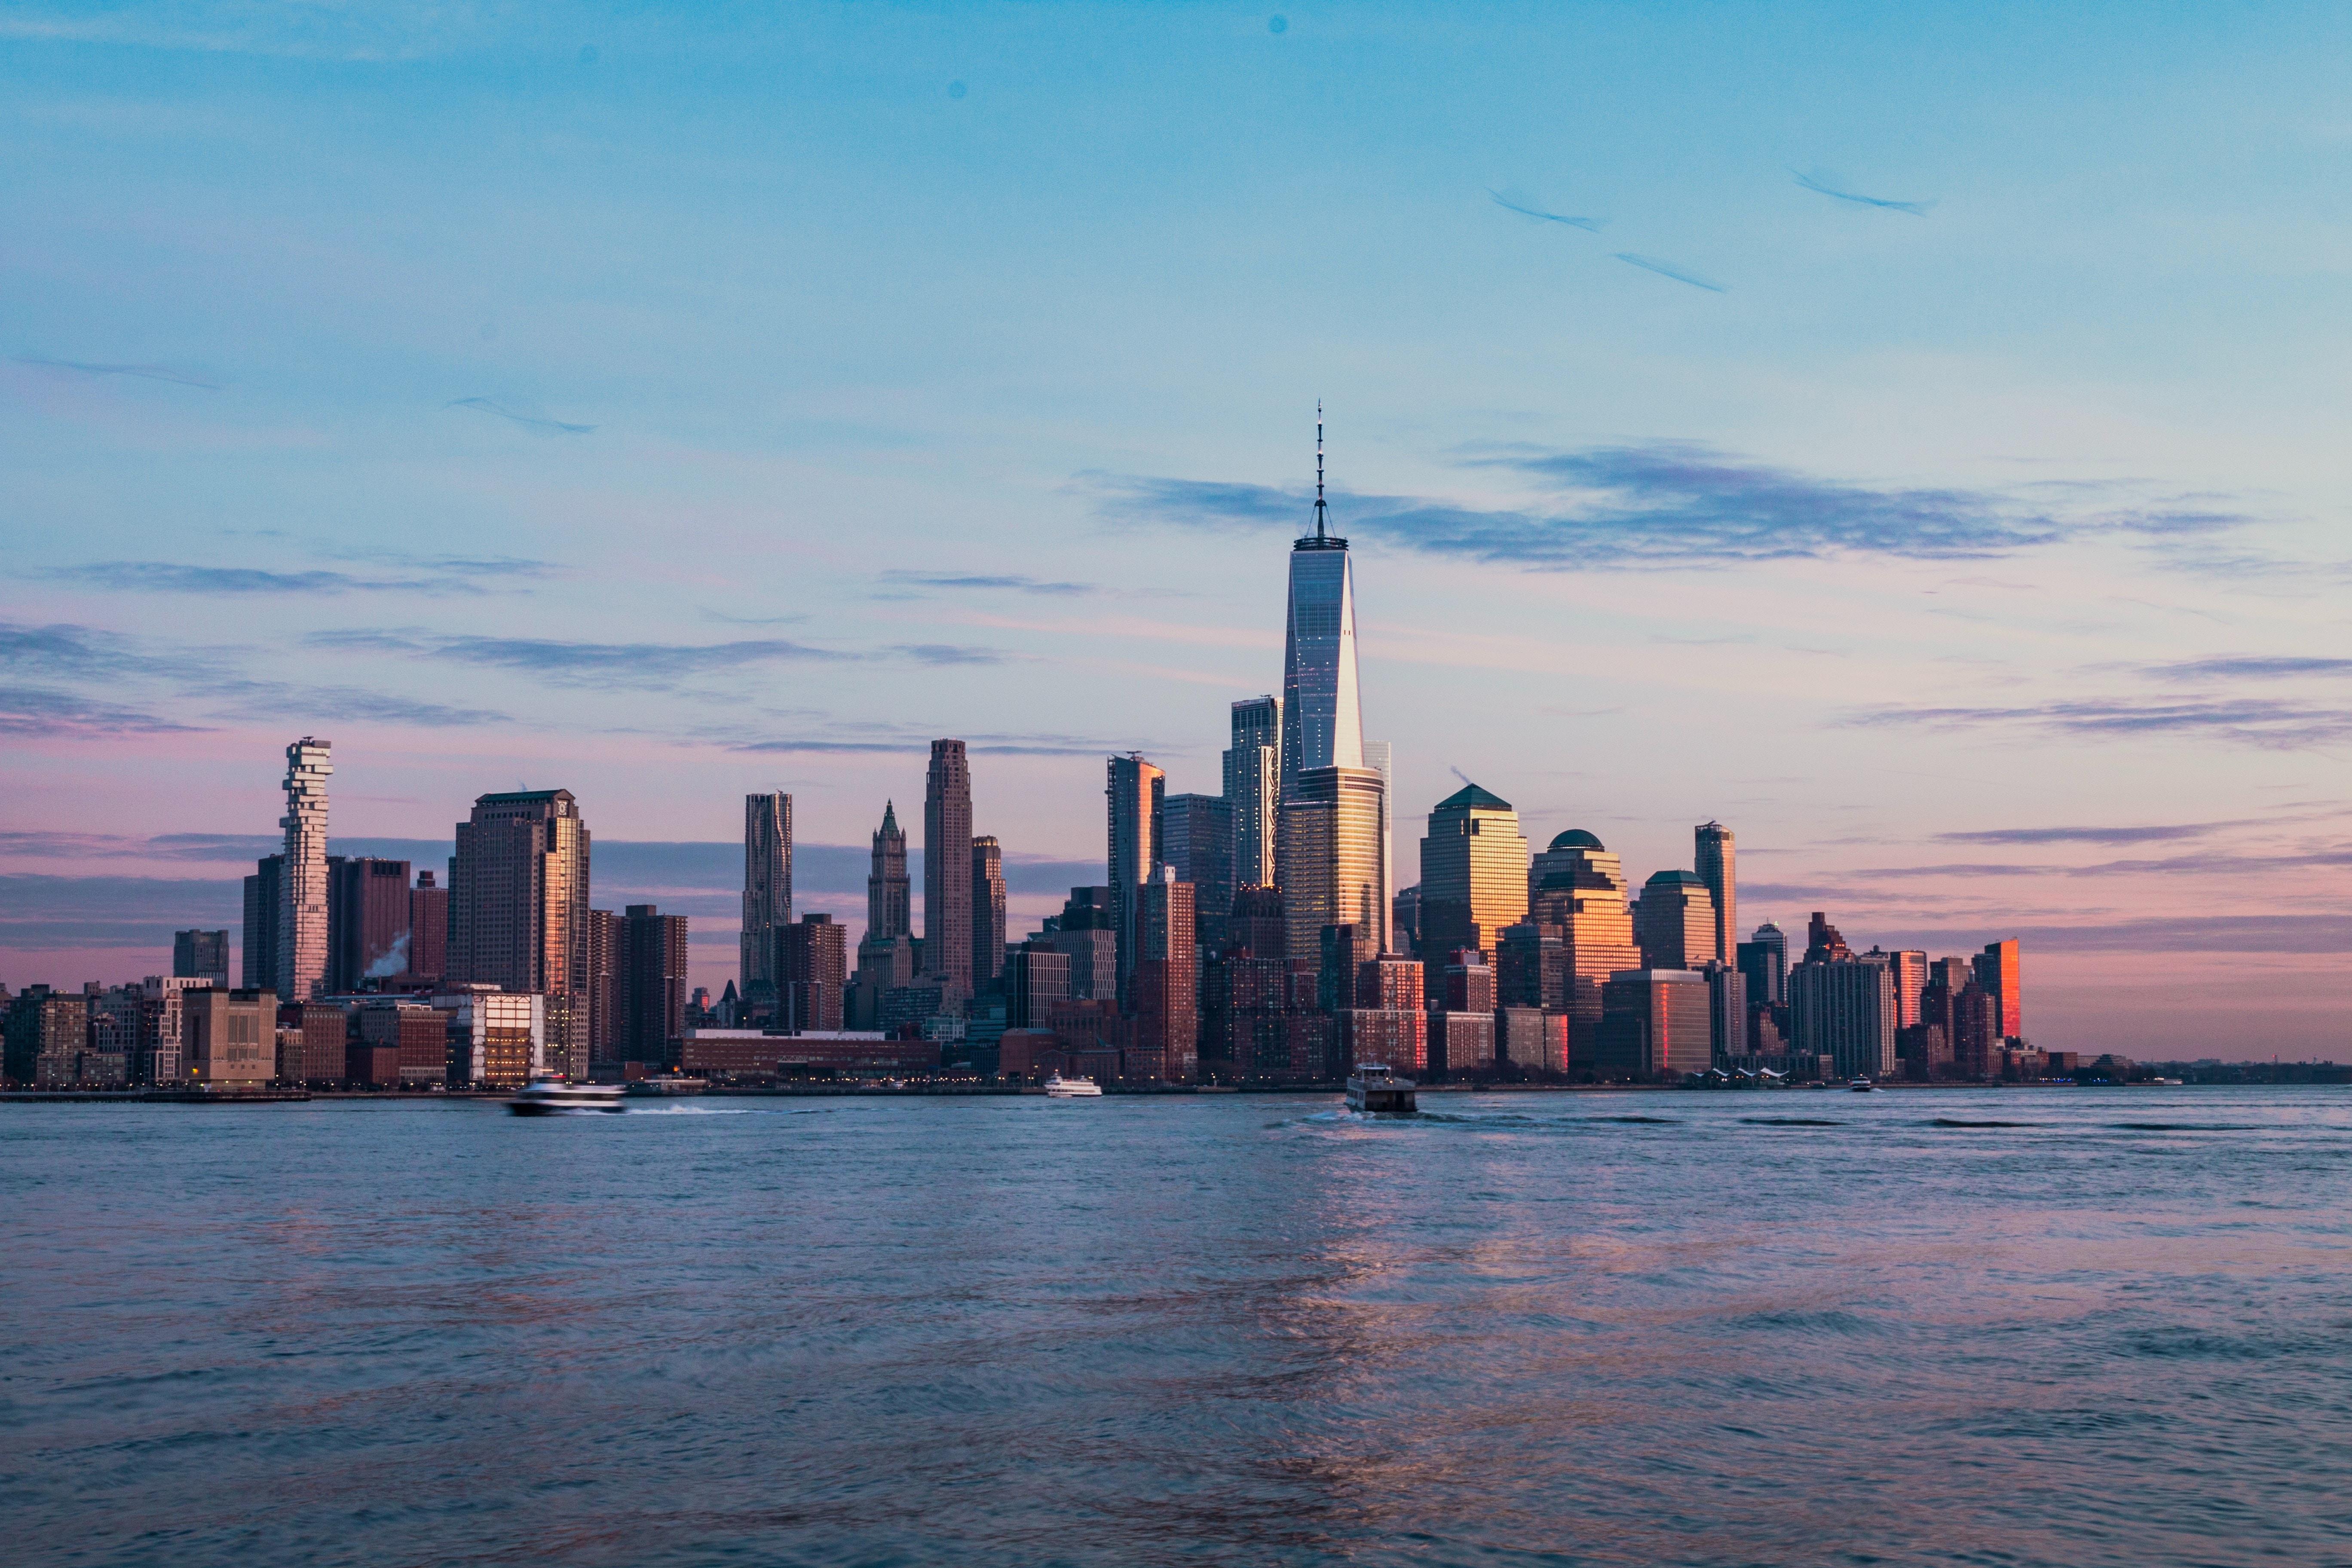 家长必看 火爆的大纽约黄金水岸学区如何?